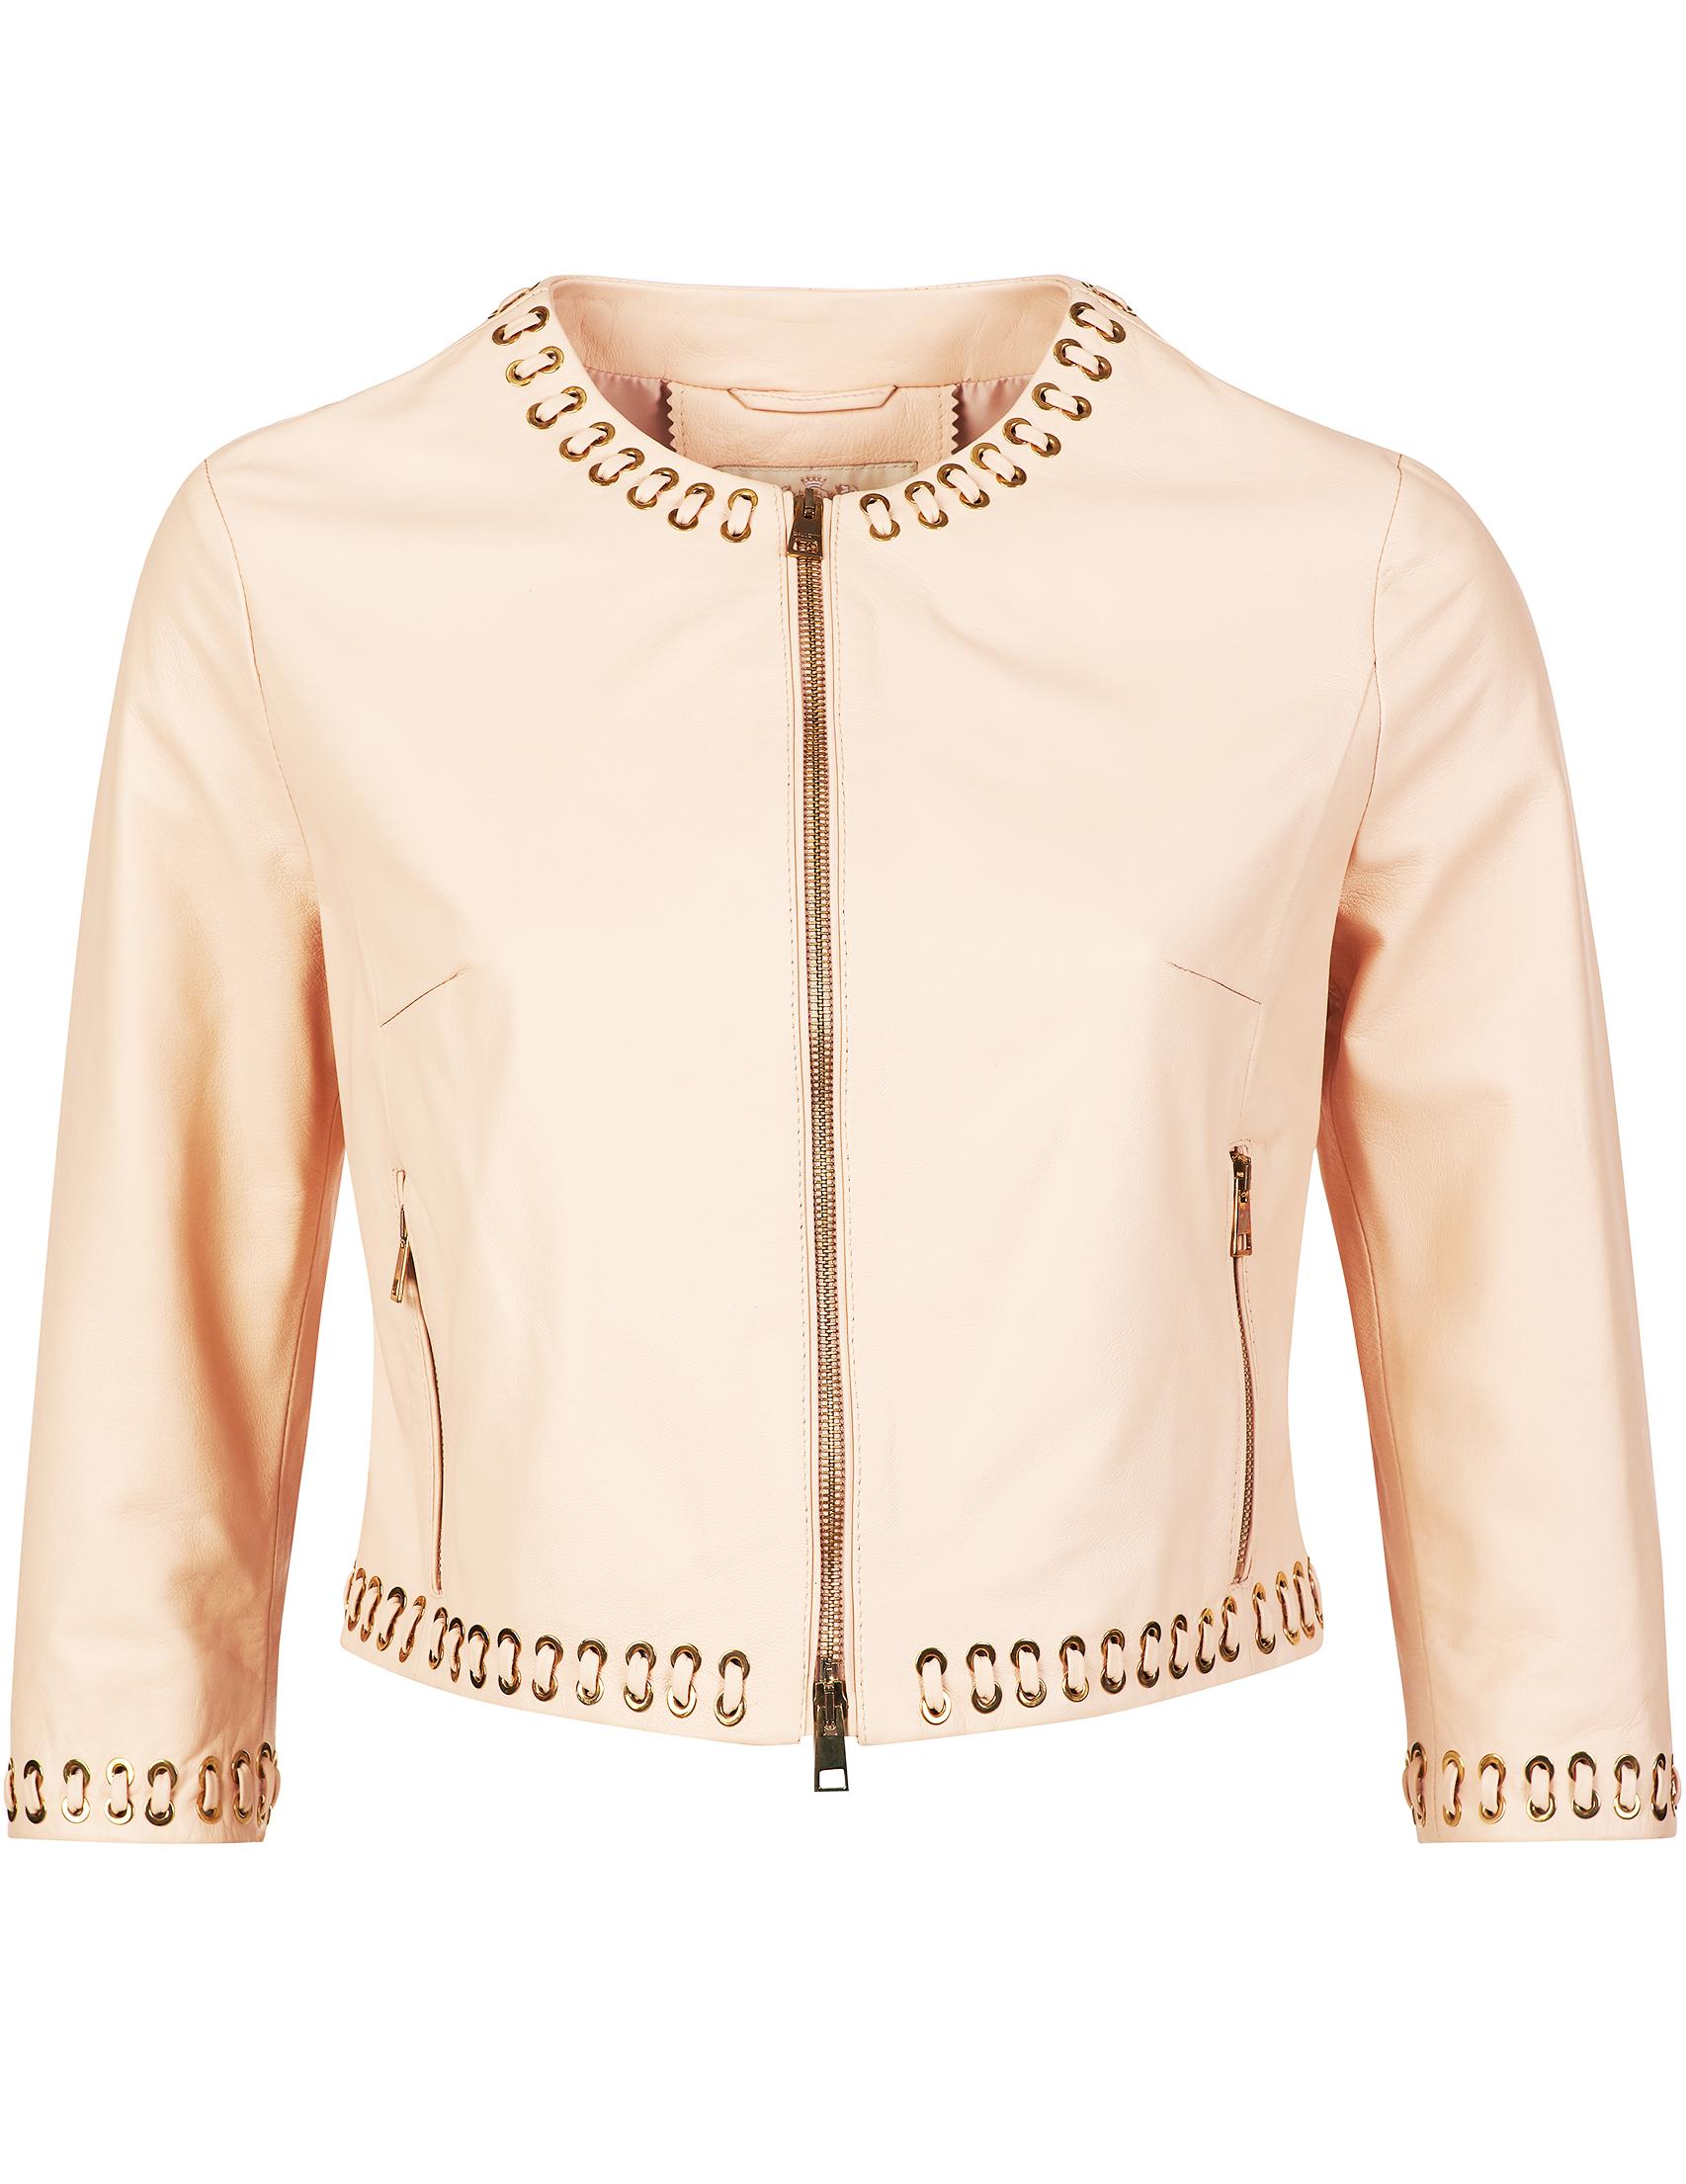 Купить Куртки, Куртка, GALLOTTI, Розовый, 100%Полиэстер, Осень-Зима